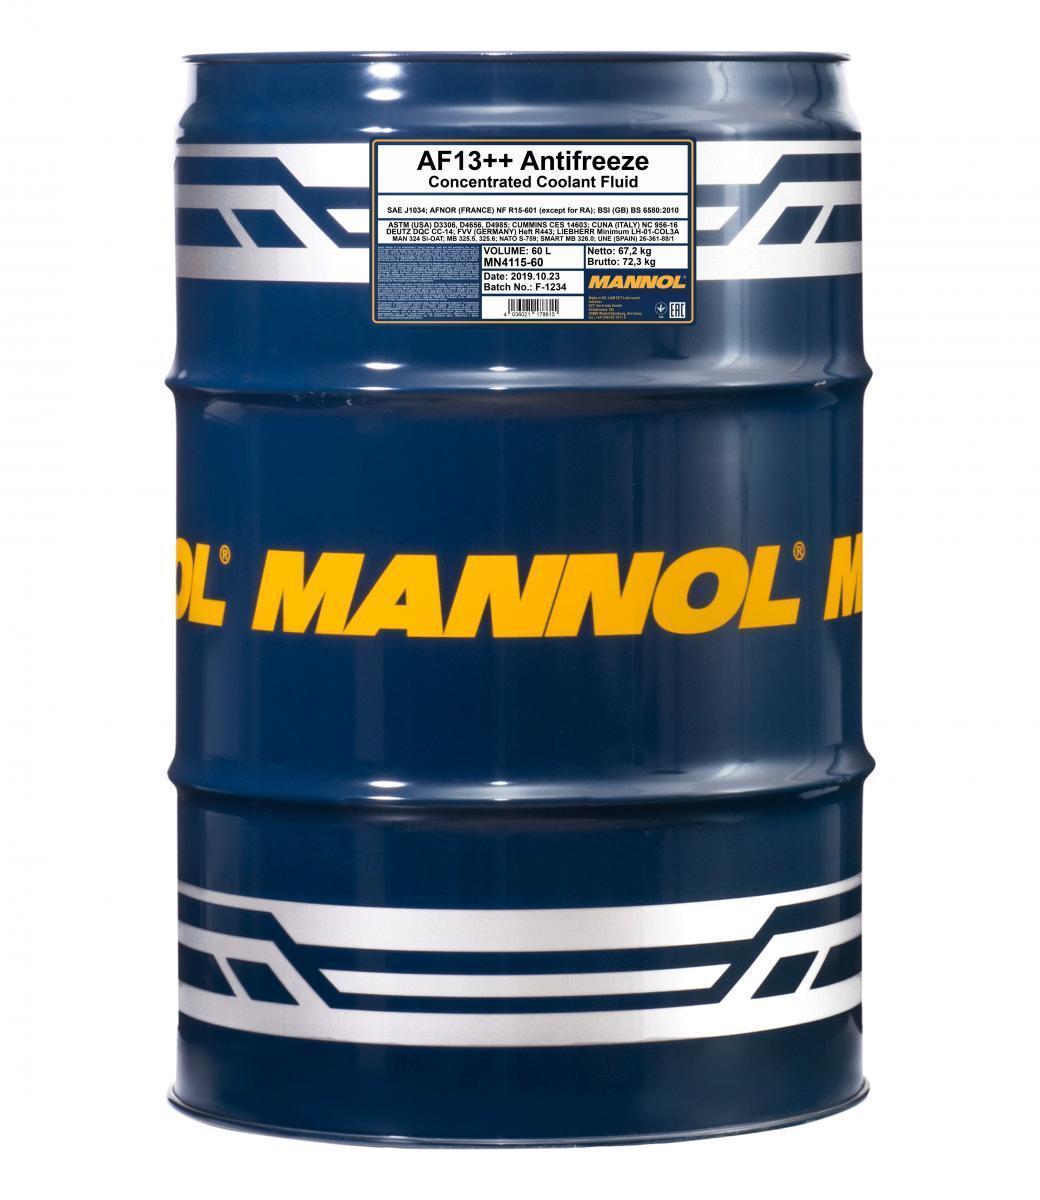 MANNOL Frostschutz für MAN - Artikelnummer: MN4115-60